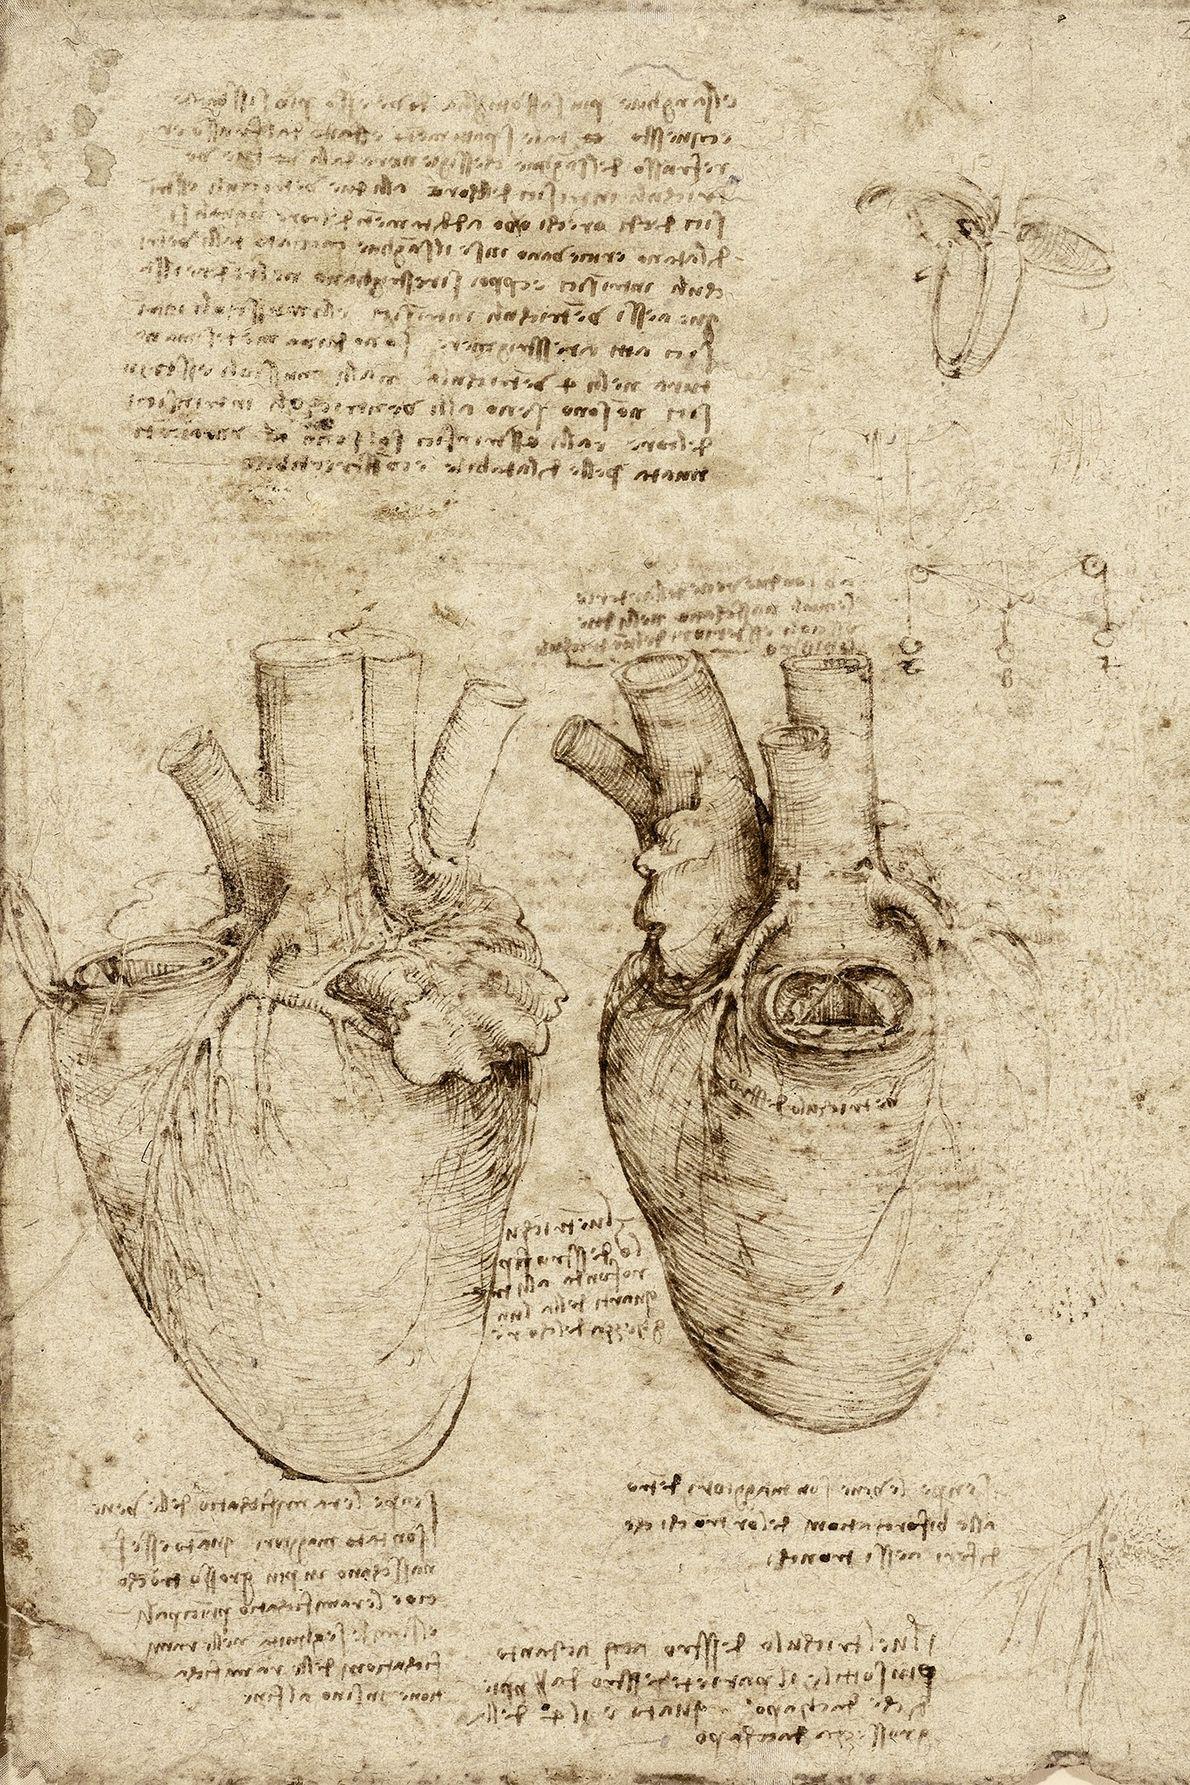 Dans ses croquis extrêmement détaillés de cœur de bœuf disséqué, représenté sur cette feuille, Léonard a ...